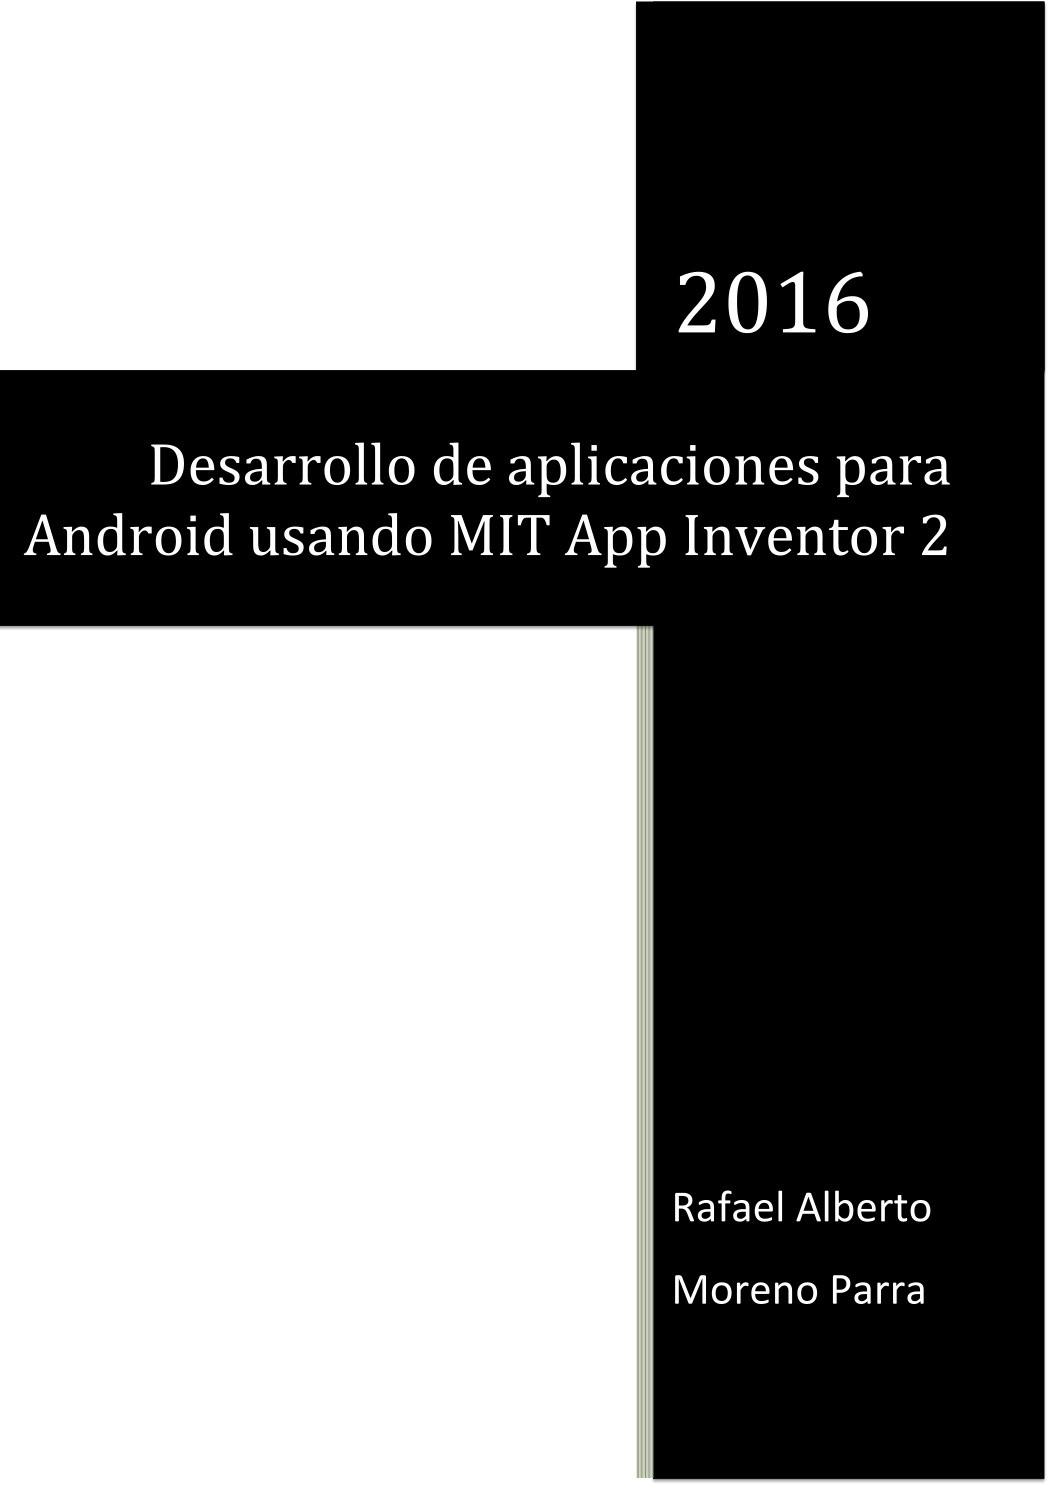 1501137775_MIT-AppInventor-2